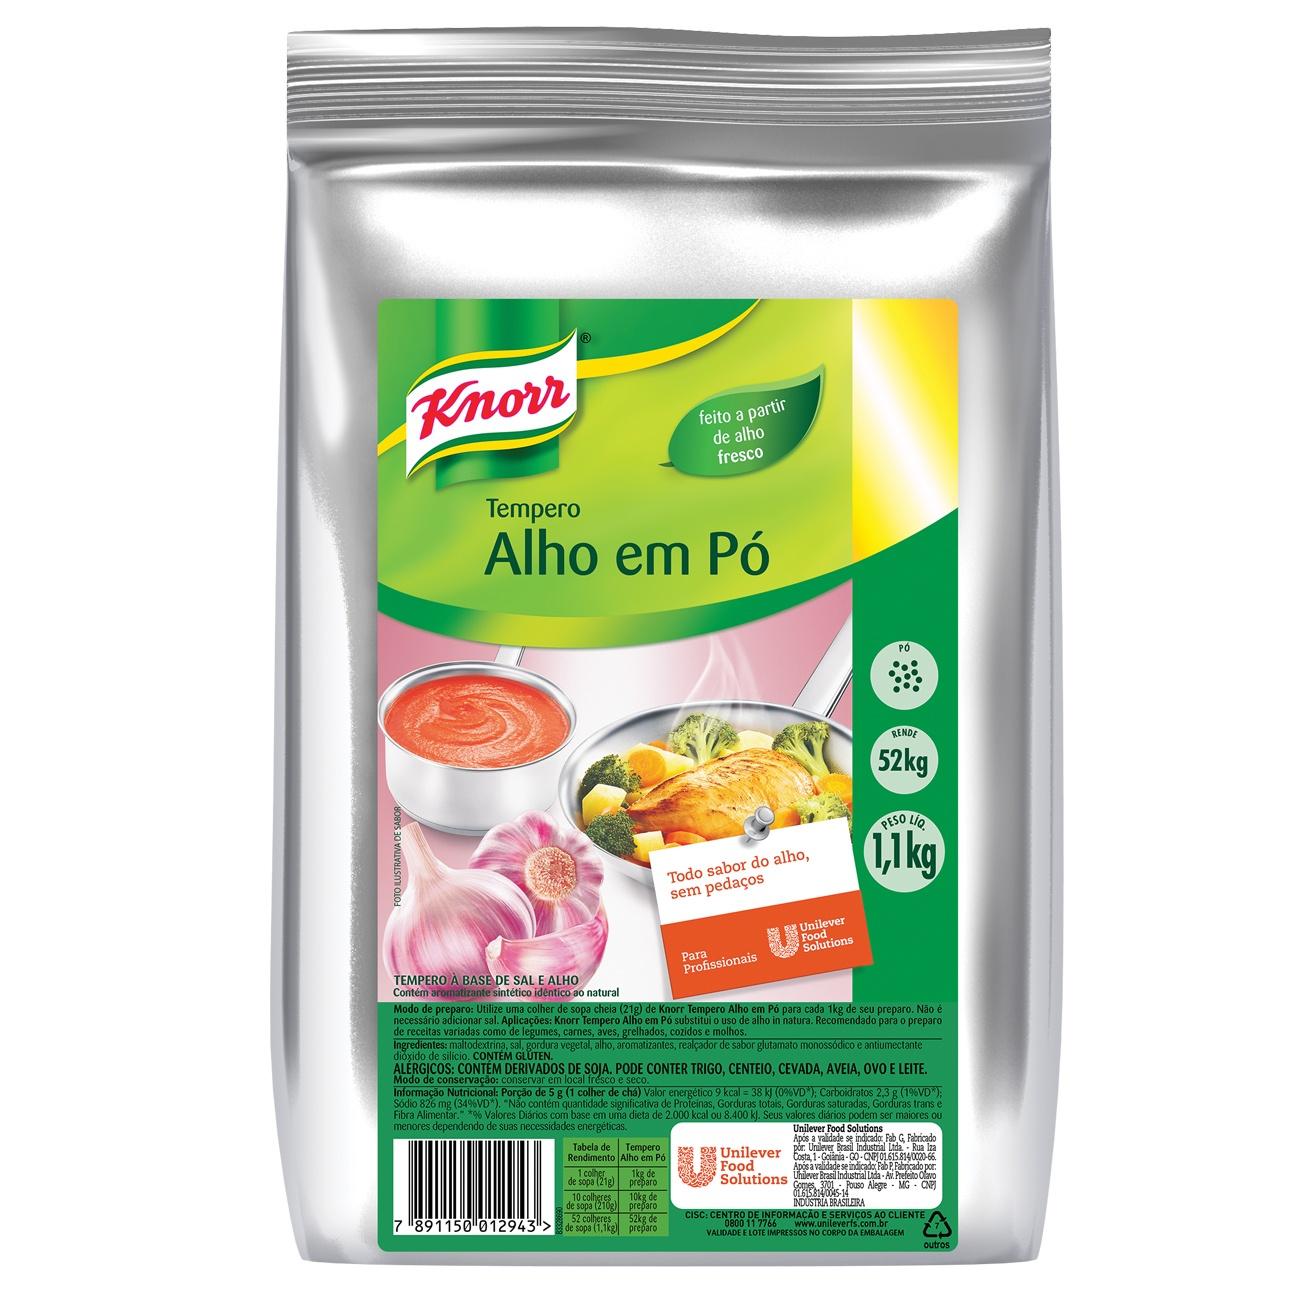 Tempero Knorr 1,1kg